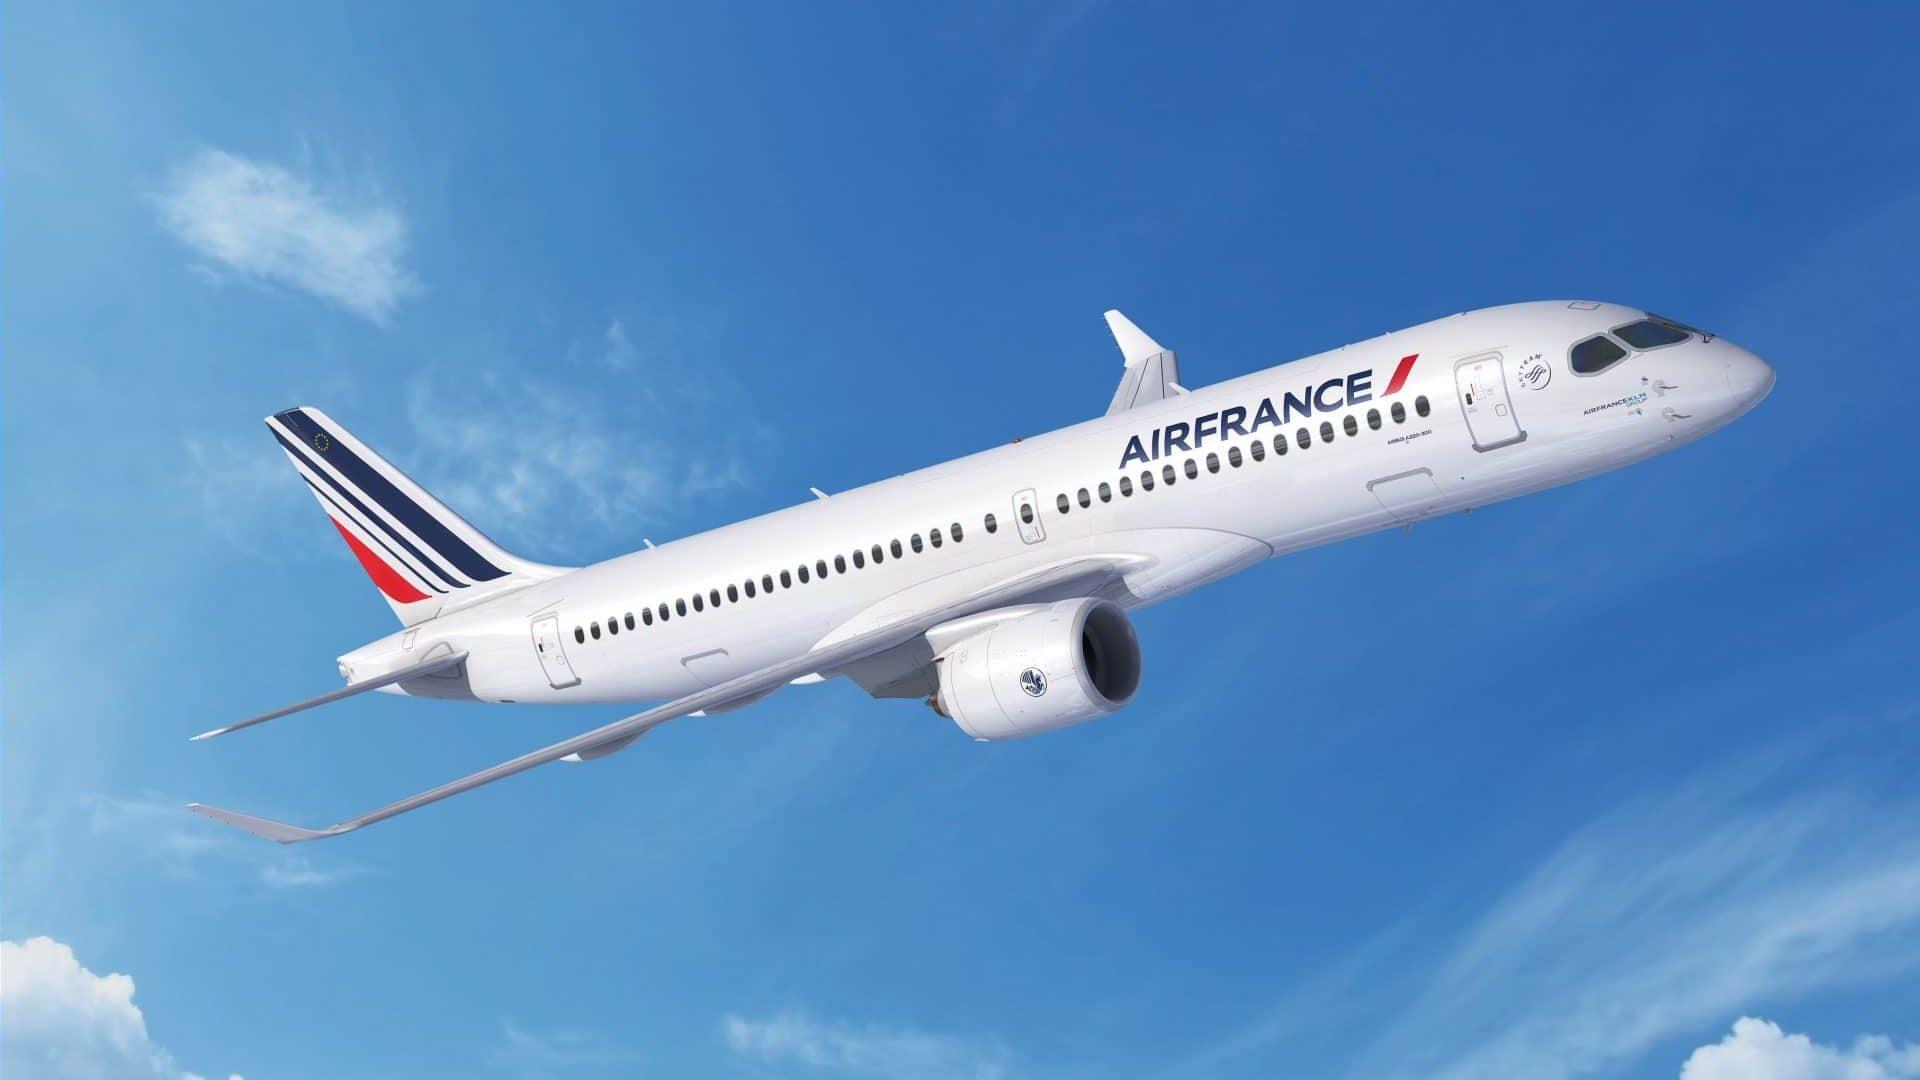 Air France's A220 300